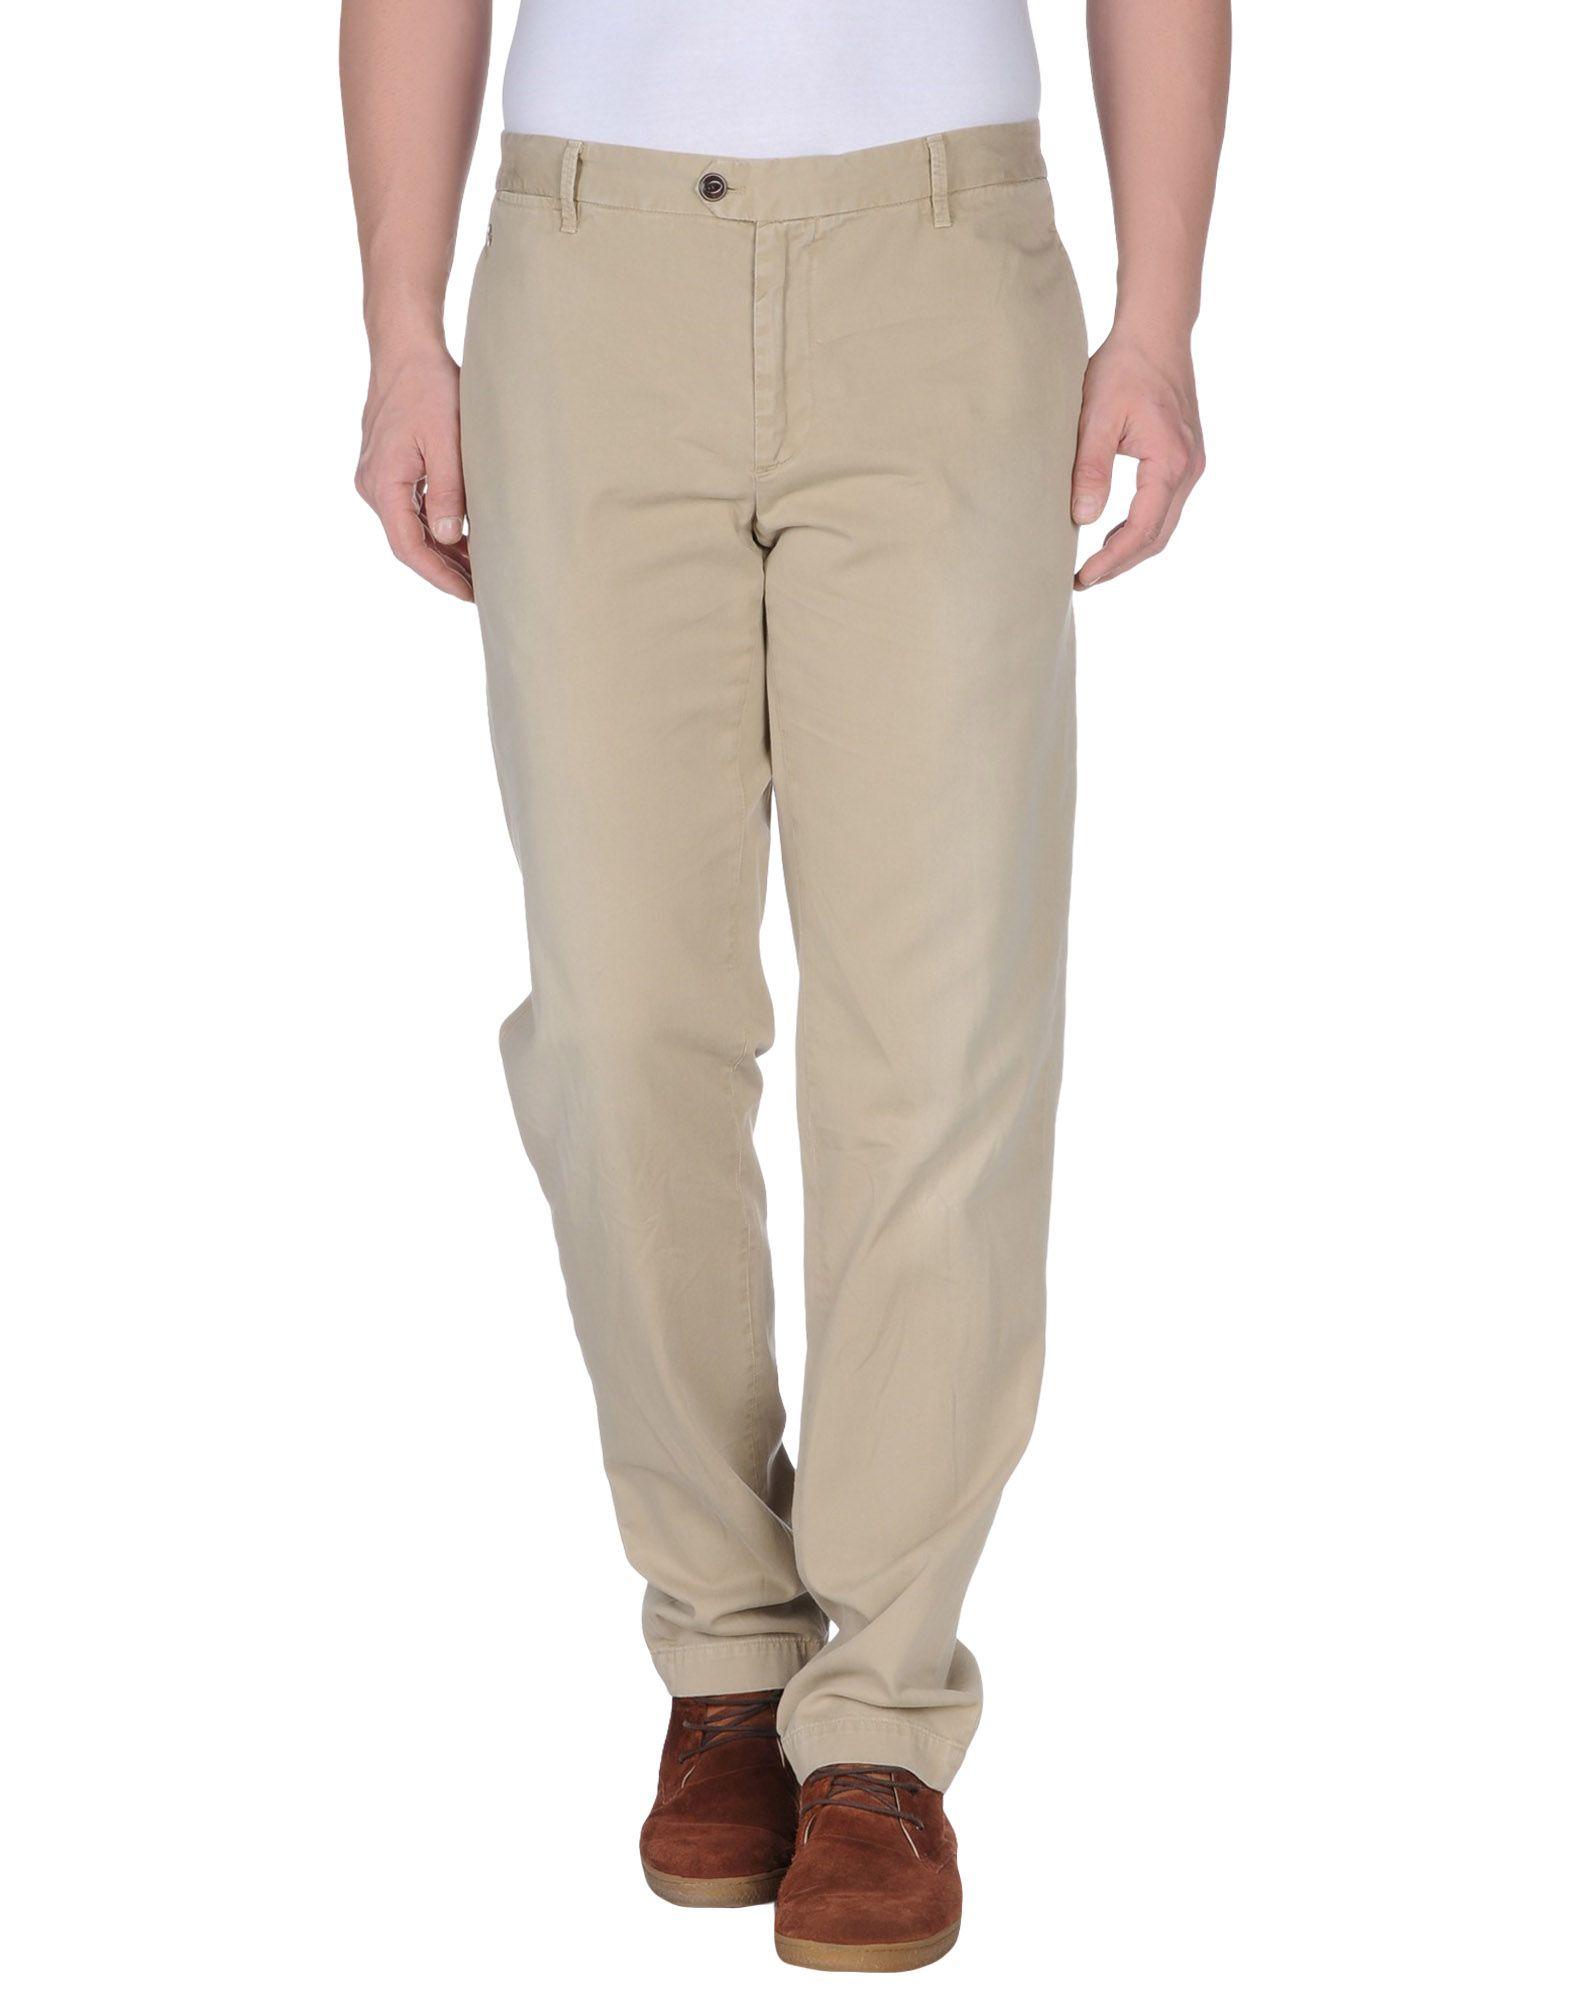 COAST WEBER & AHAUS Повседневные брюки coast weber